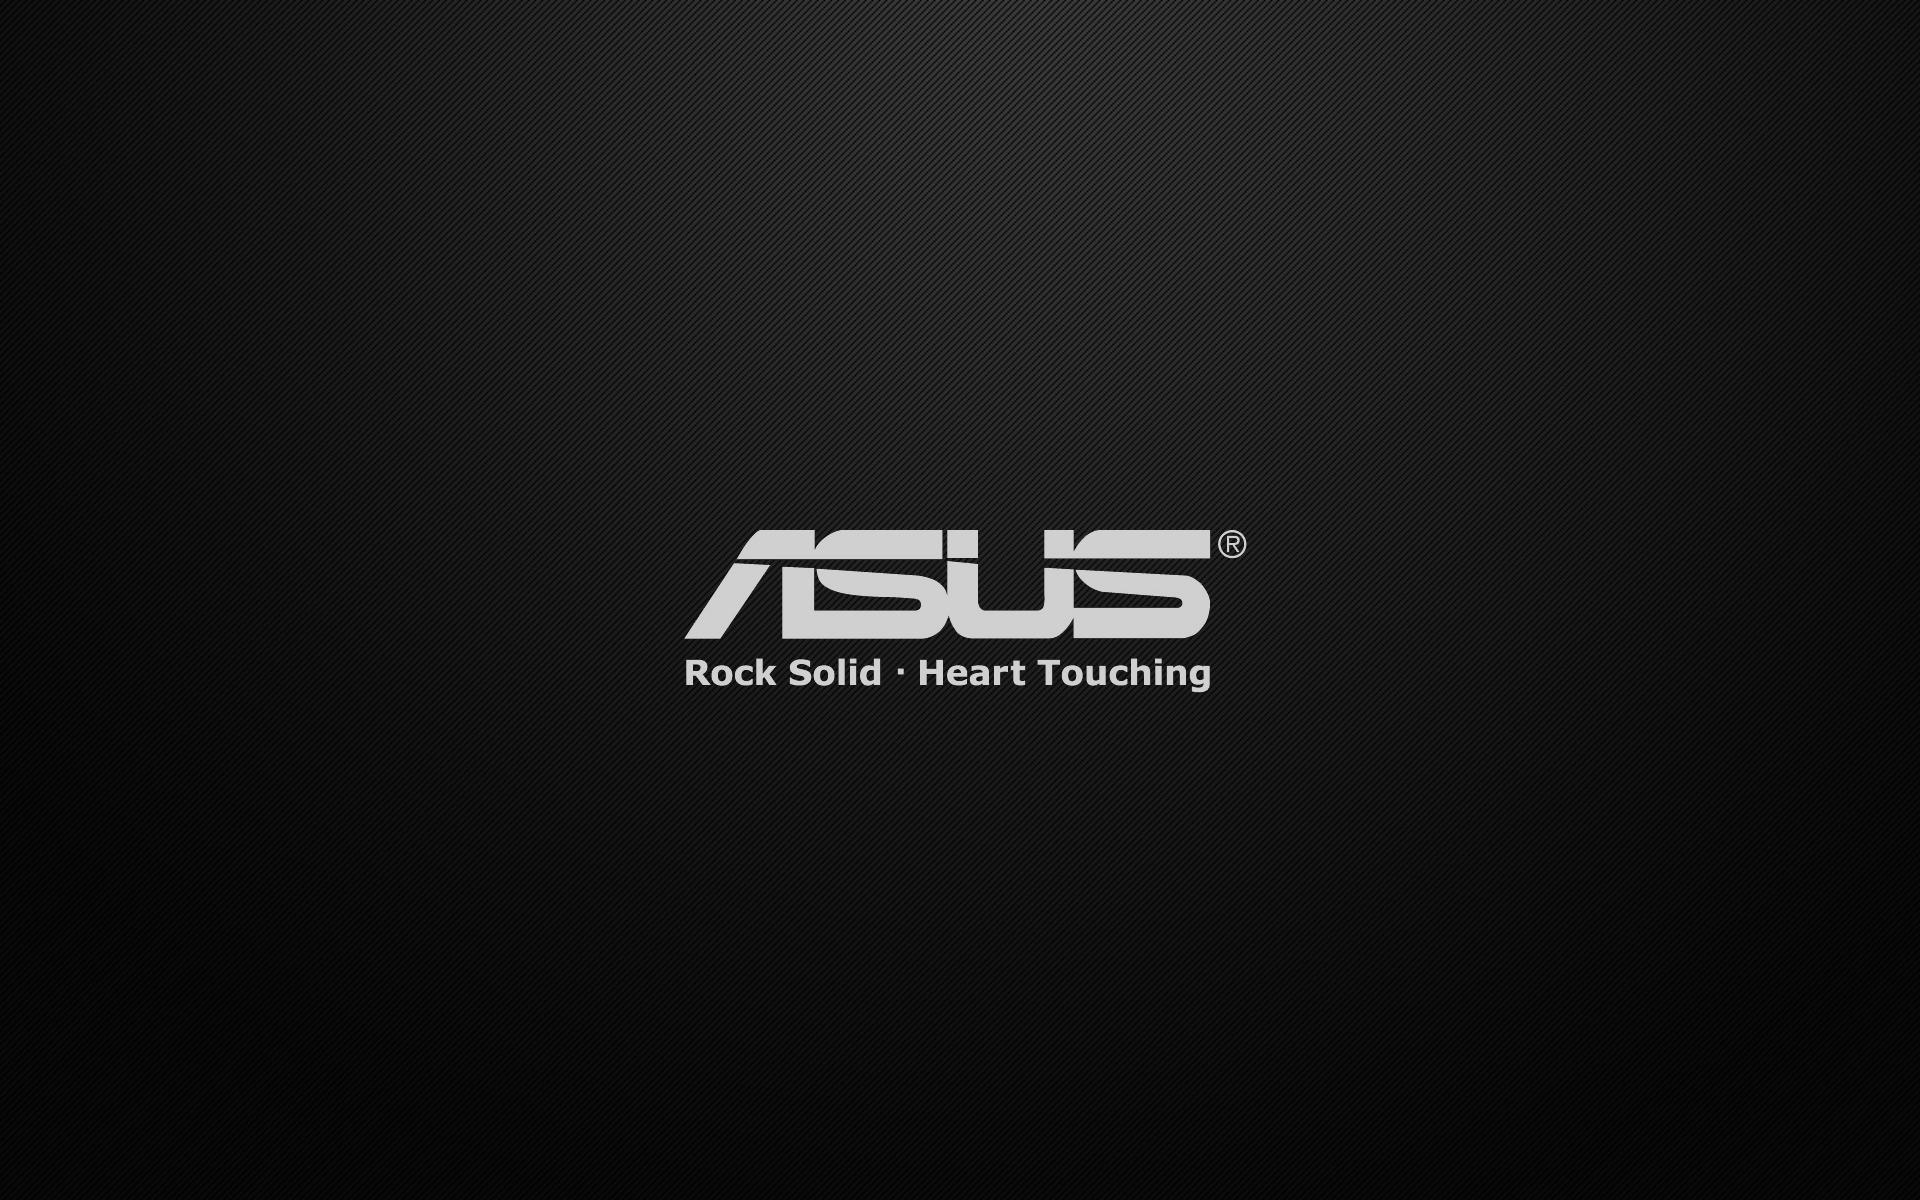 ASUS Wallpaper